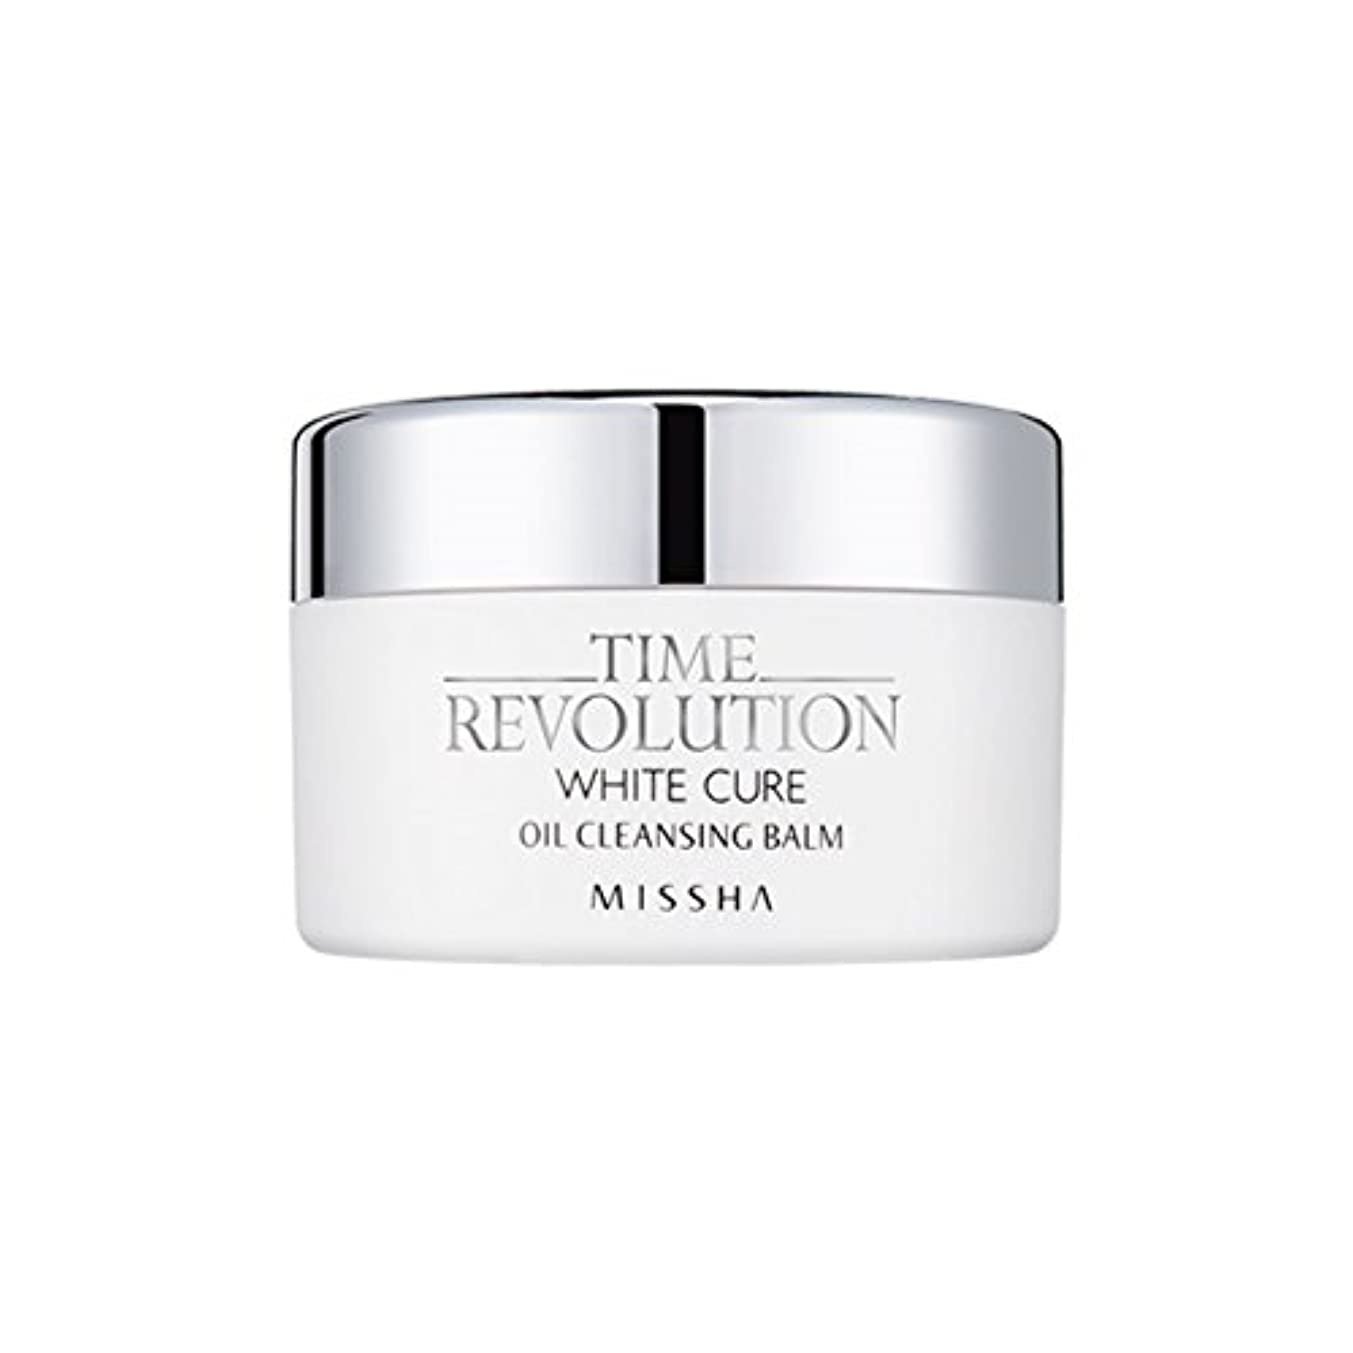 重要性方向母性[New] MISSHA Time Revolution White Cure Oil Cleansing Balm 105g/ミシャ タイムレボリューション ホワイト キュア オイル クレンジング バーム 105g